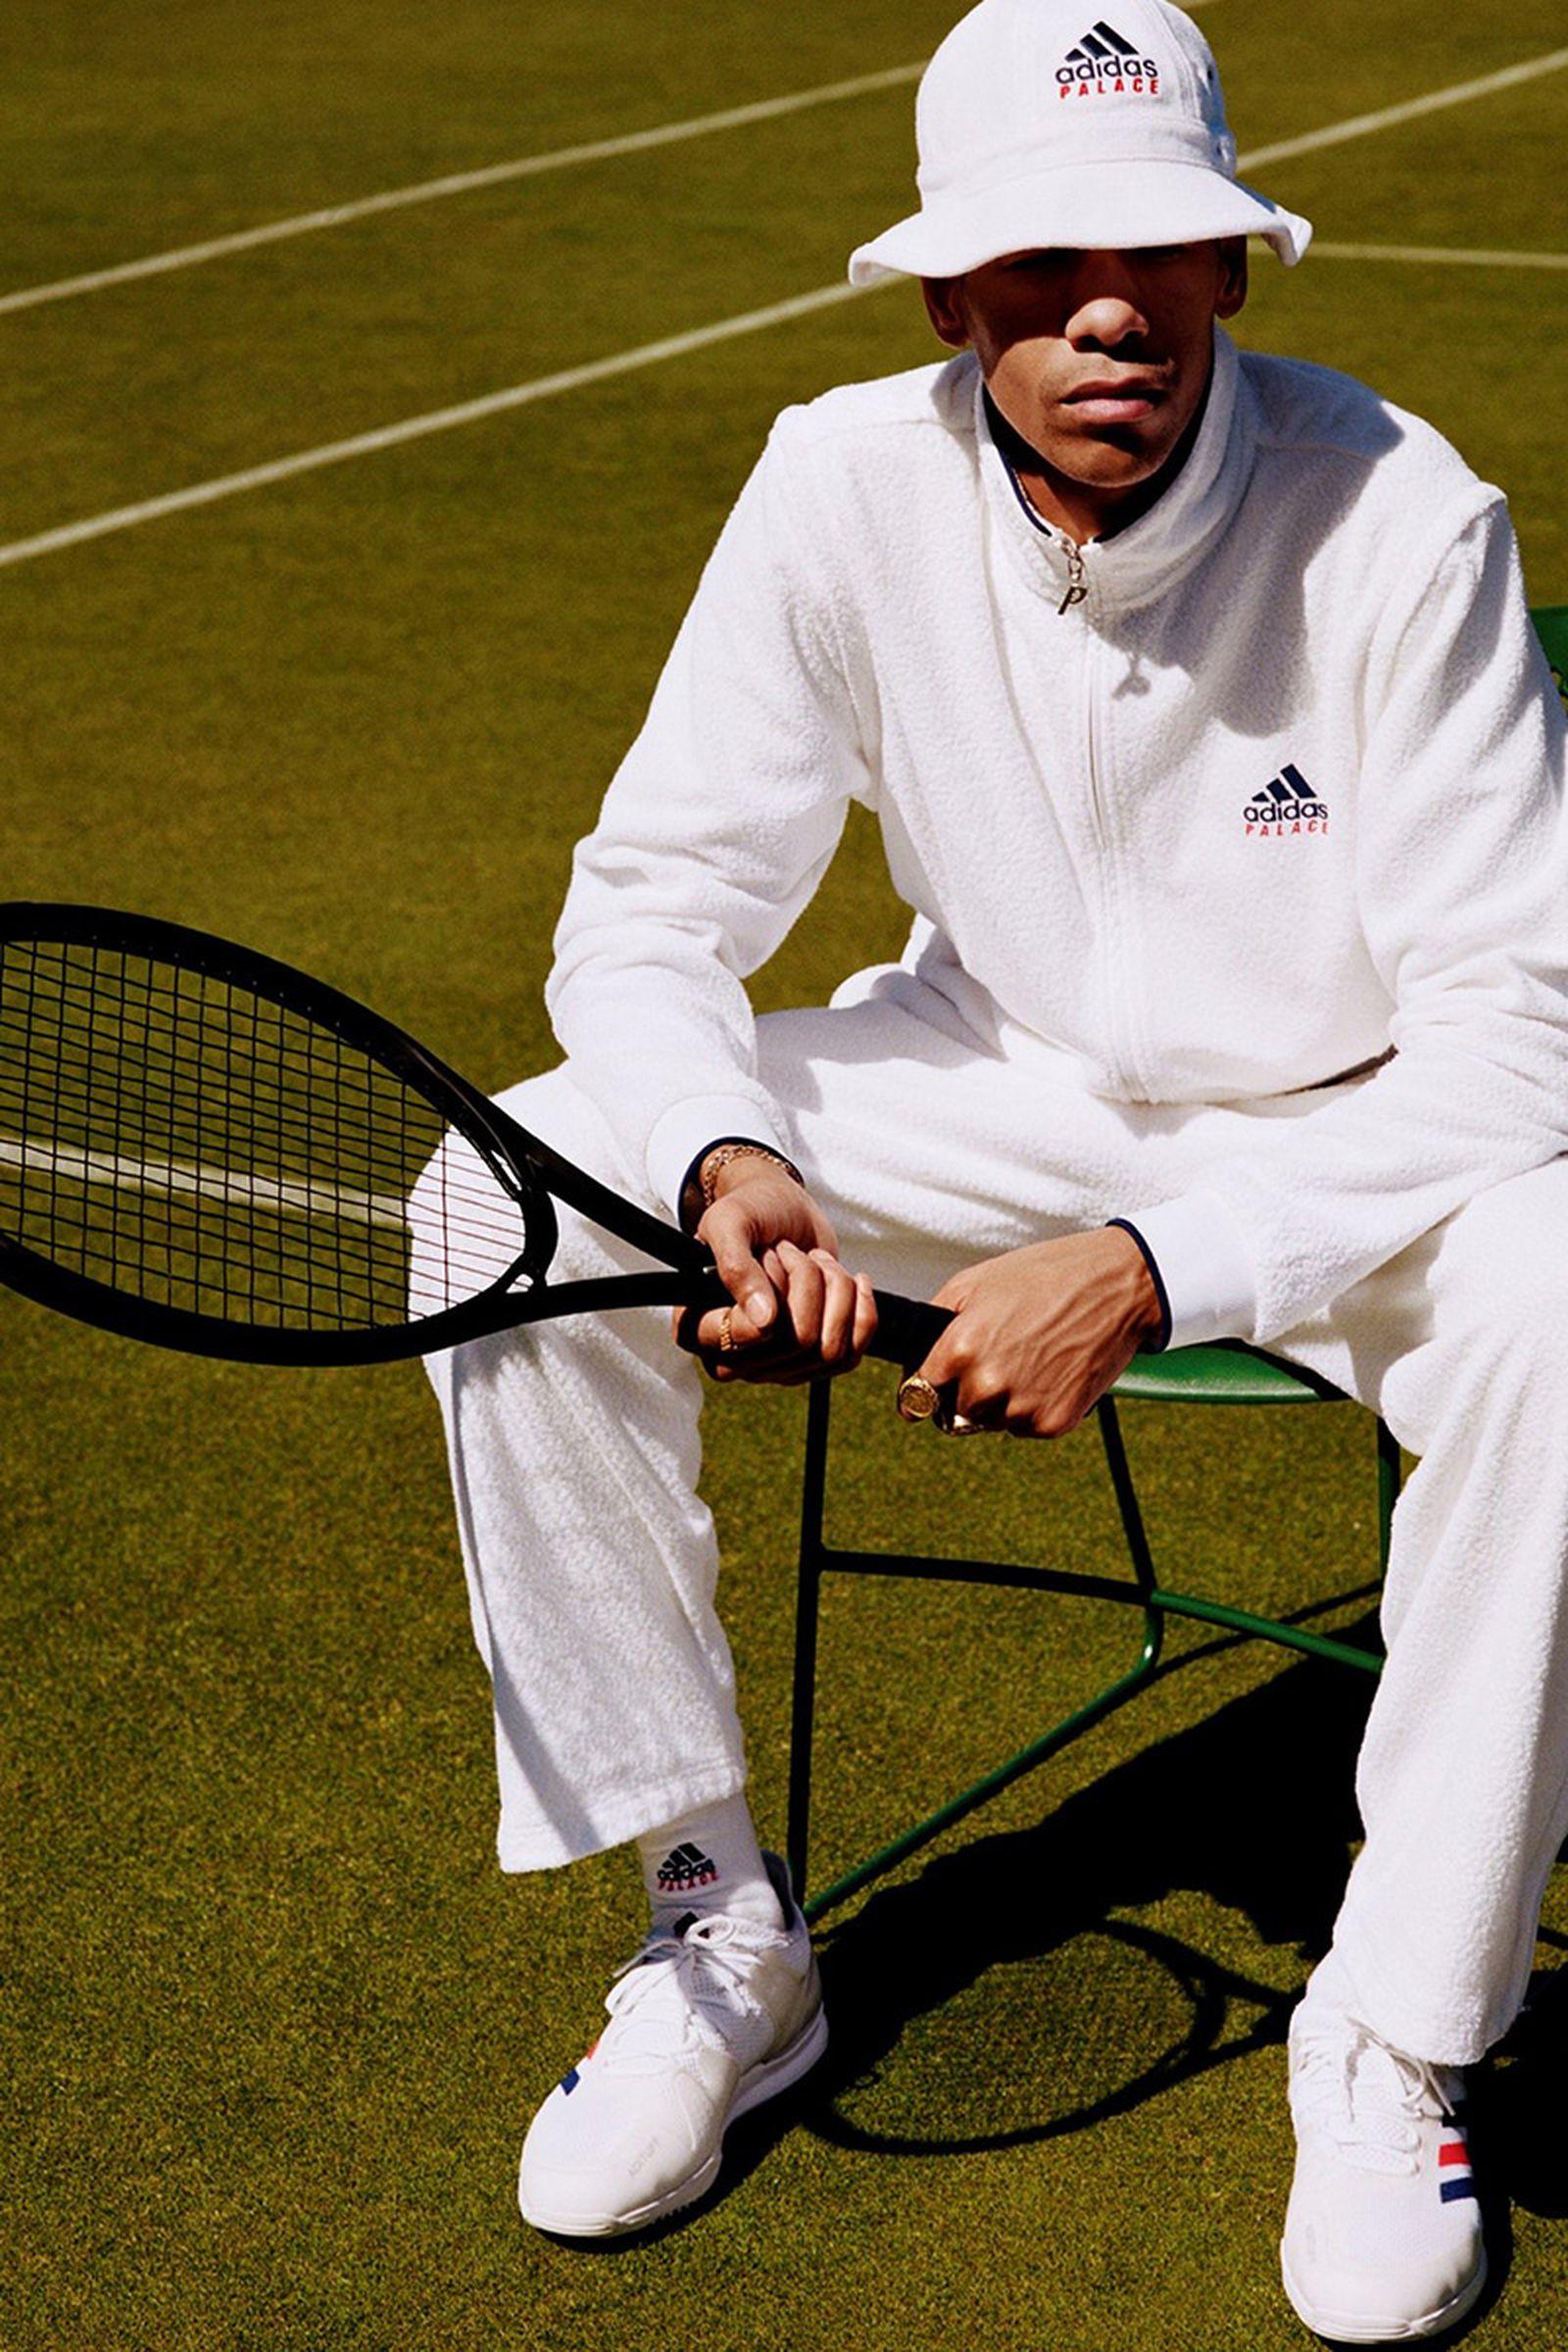 adidas originals palace tennis05 Wimbledon adidas Originals x Palace adidas tennis x palace